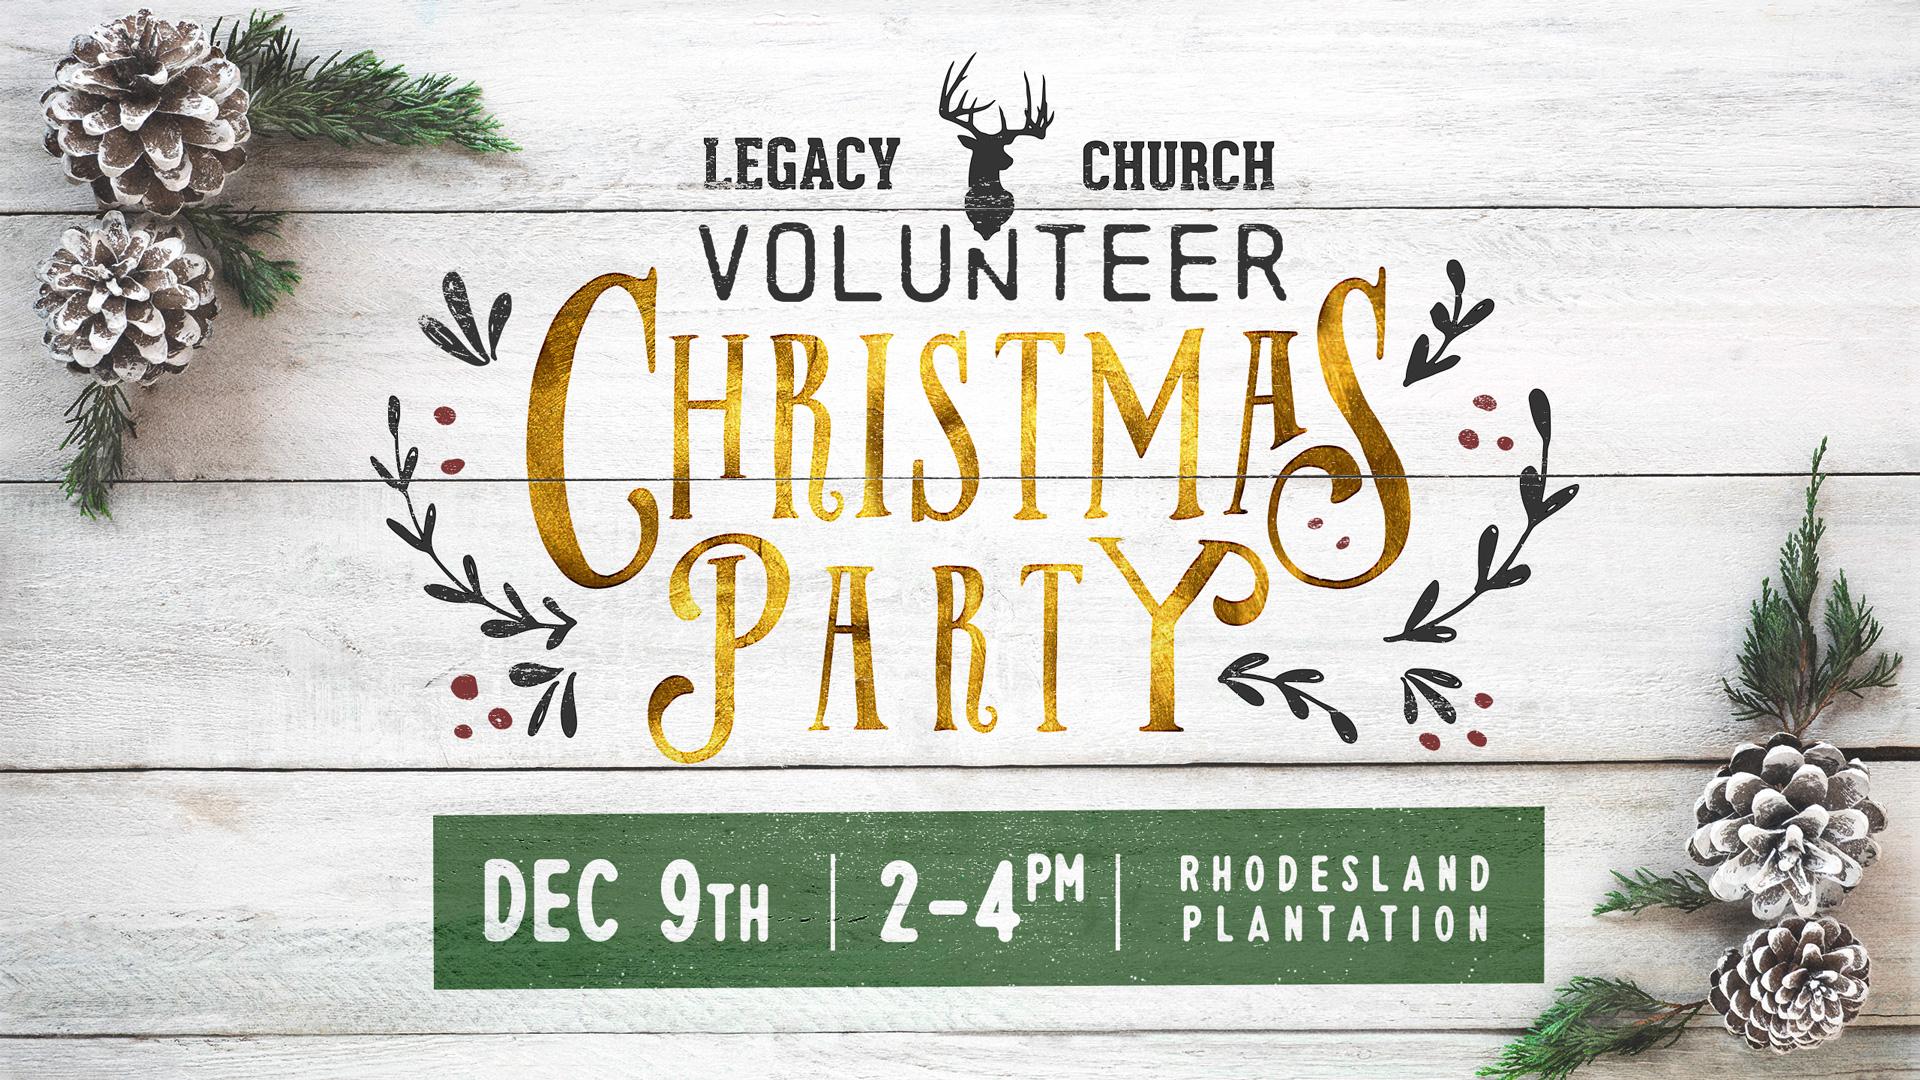 Christmas2017-Volunteer-Party.jpg